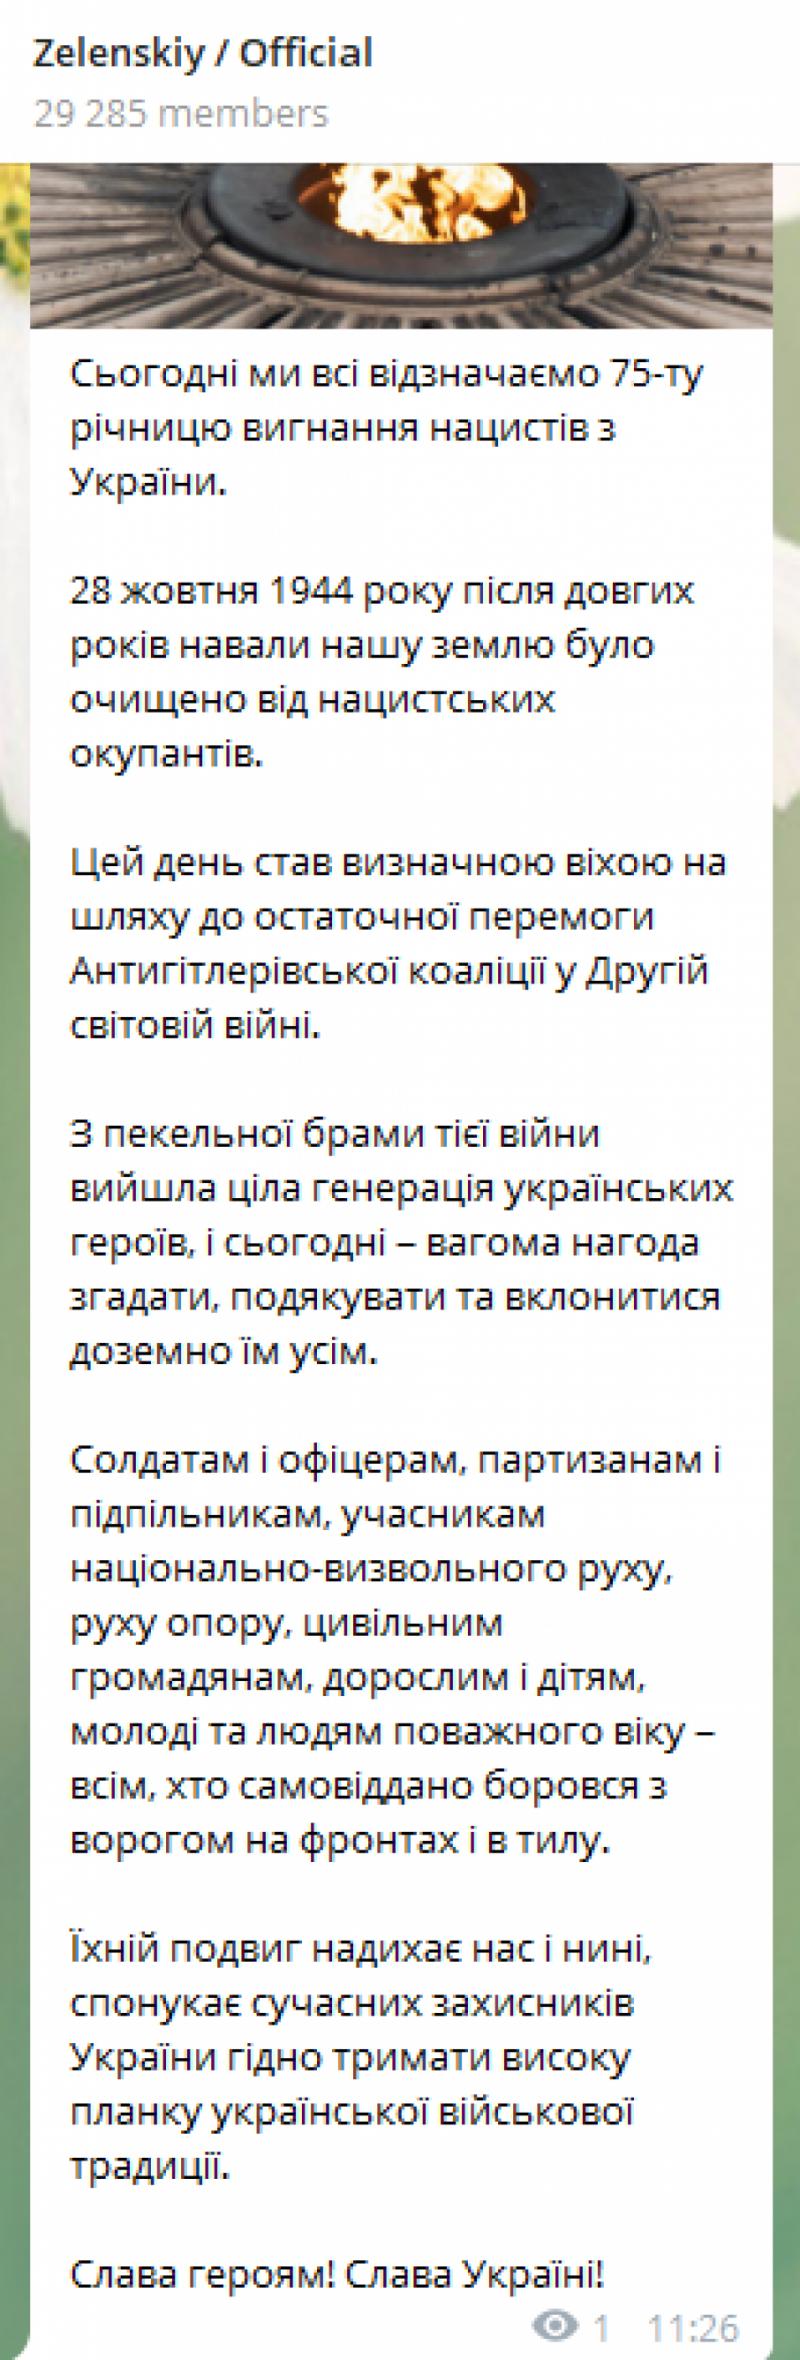 У Зеленського прибрали героїв, солдатів та всіх, хто визволяв Україну